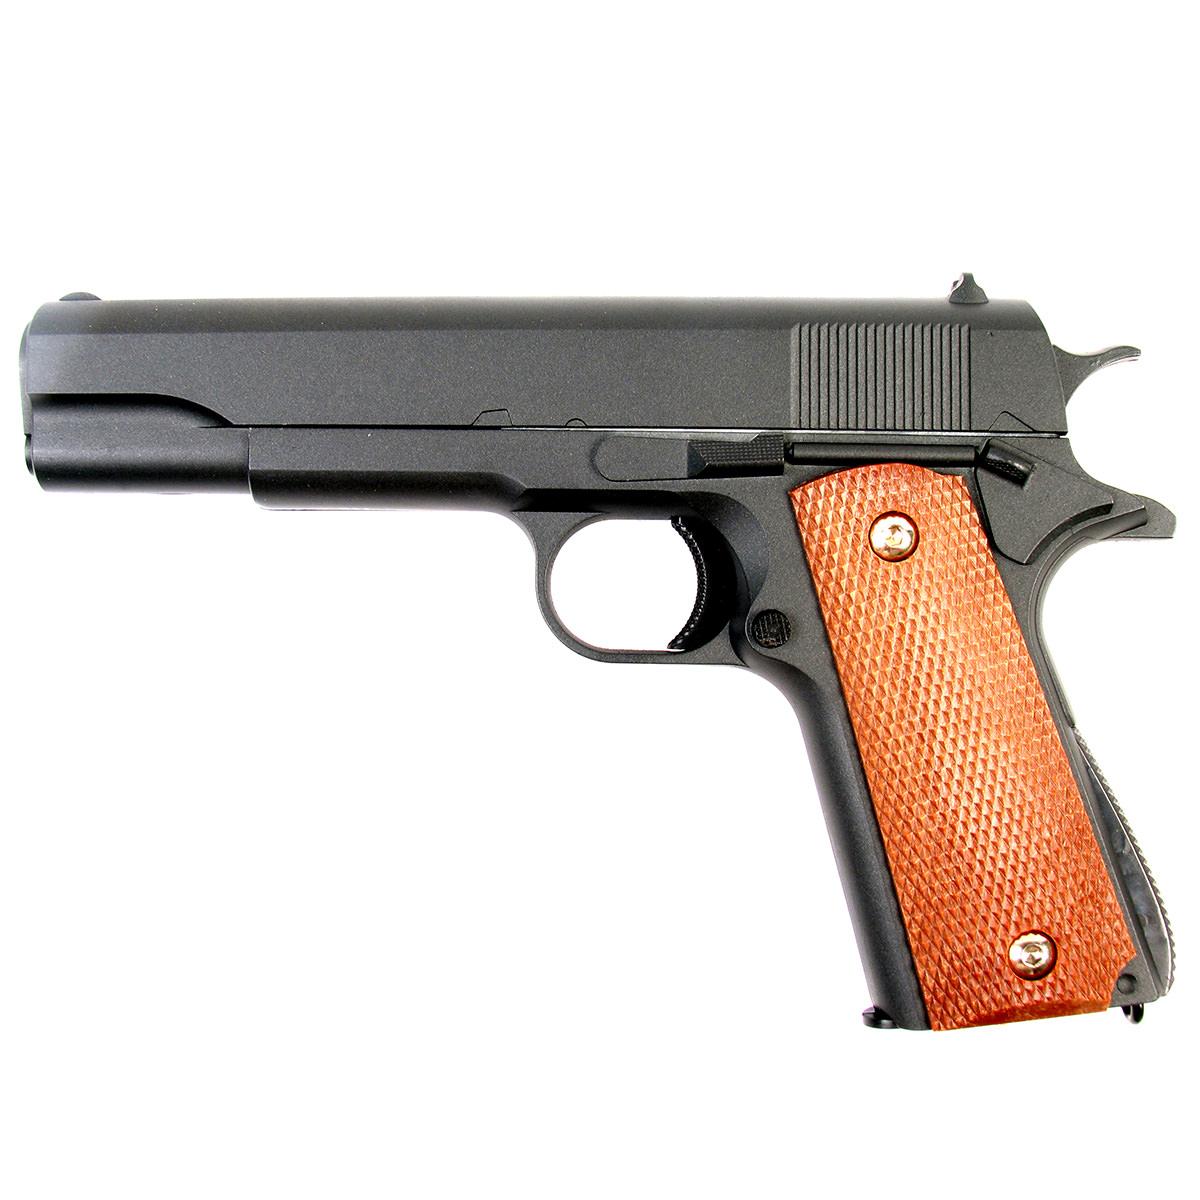 Пистолет страйкбольный Galaxy G.13, пружинный, 6 ммG.6Пружинный пистолет G.13 является репликой легендарного пистолета Colt 1911. Корпуспистолета цельнометаллический. В магазин вмещается 12 шариков BB 6 мм. Выстрел изпистолета осуществляется с помощью пружины, максимальная начальная скорость выстрела неболее 50 м/с. Прицельные приспособления не регулируемые, пистолет предназначен длястрельбы на короткие дистанции.